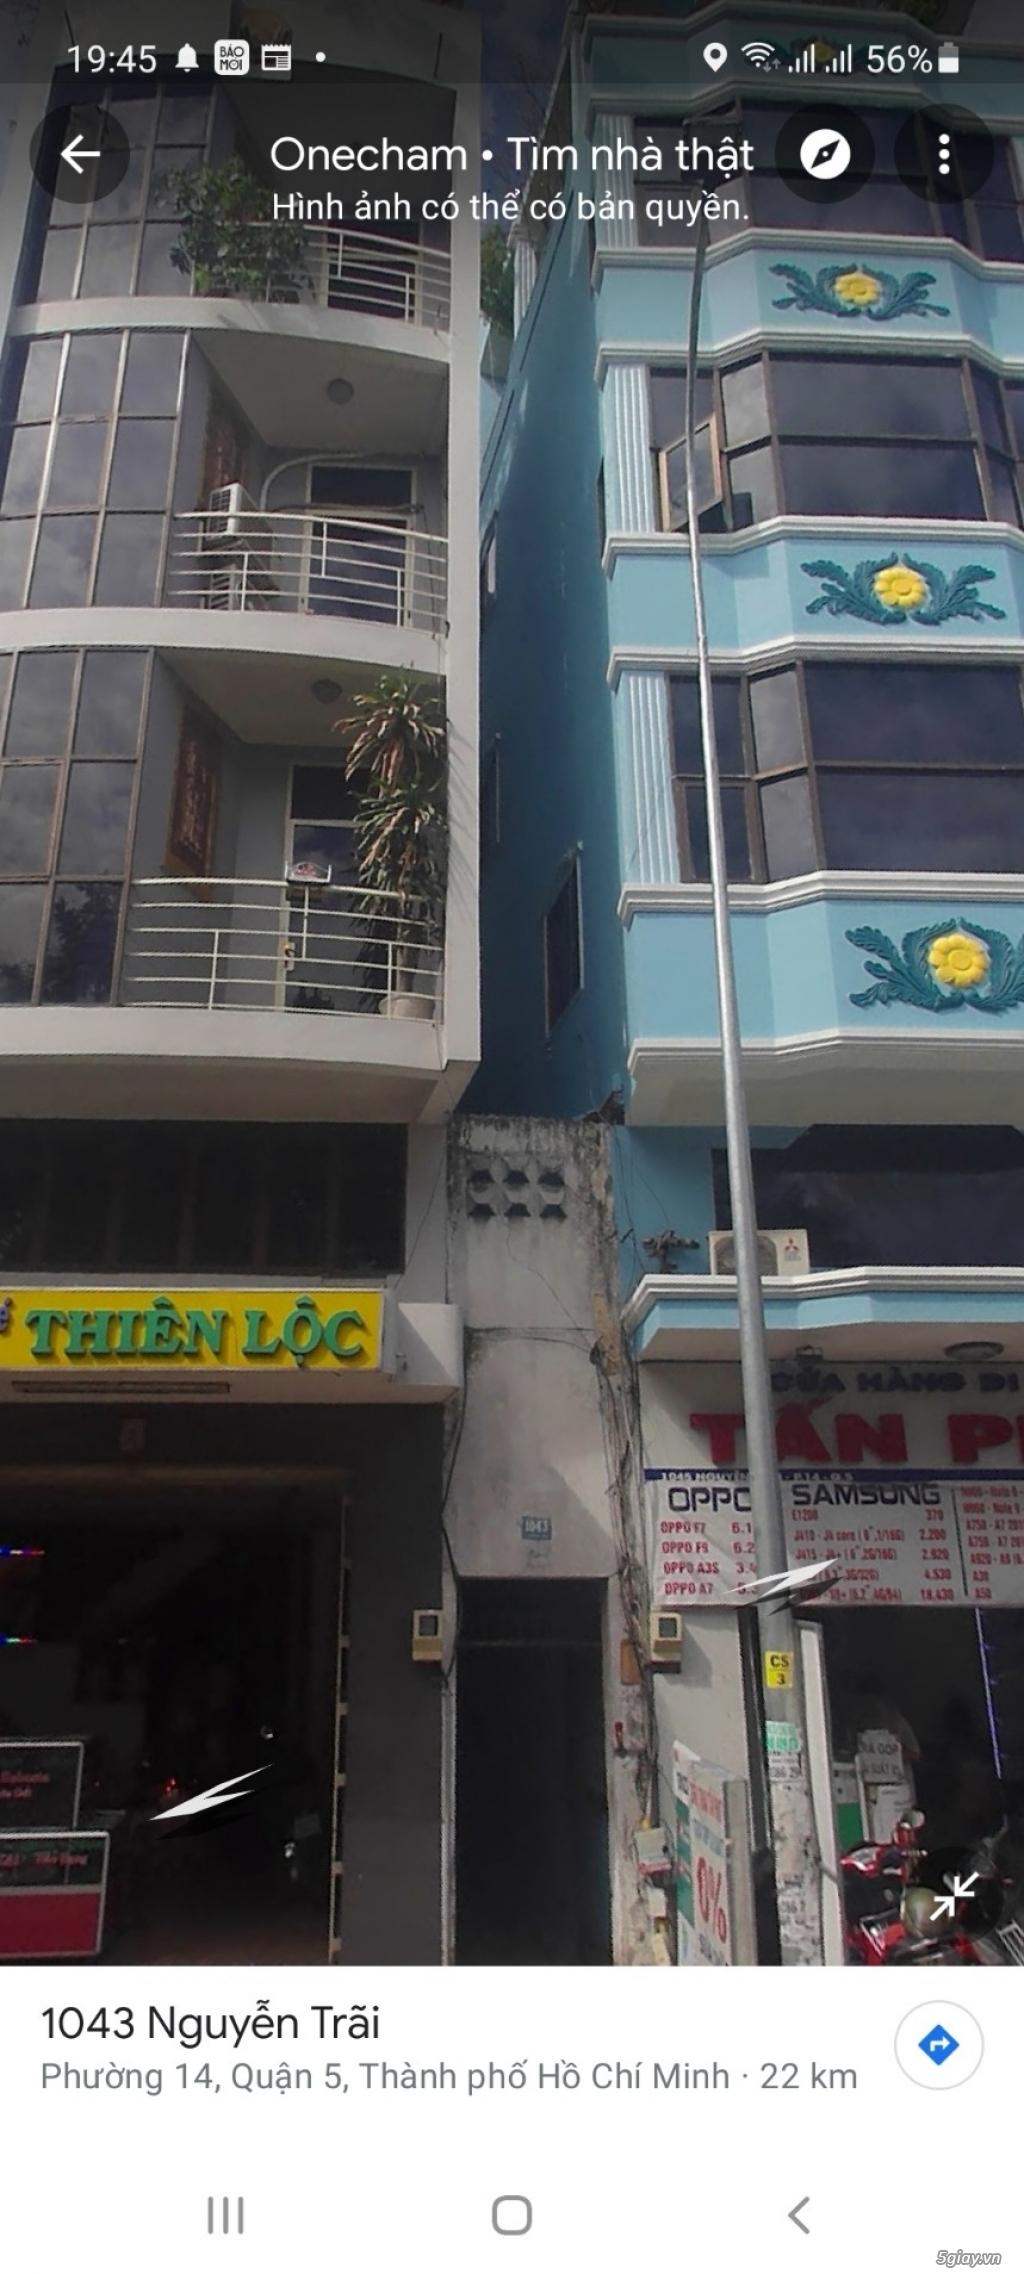 Cần bán nhà siêu vip Nguyễn Trãi Quận 5,TPHCM - 1